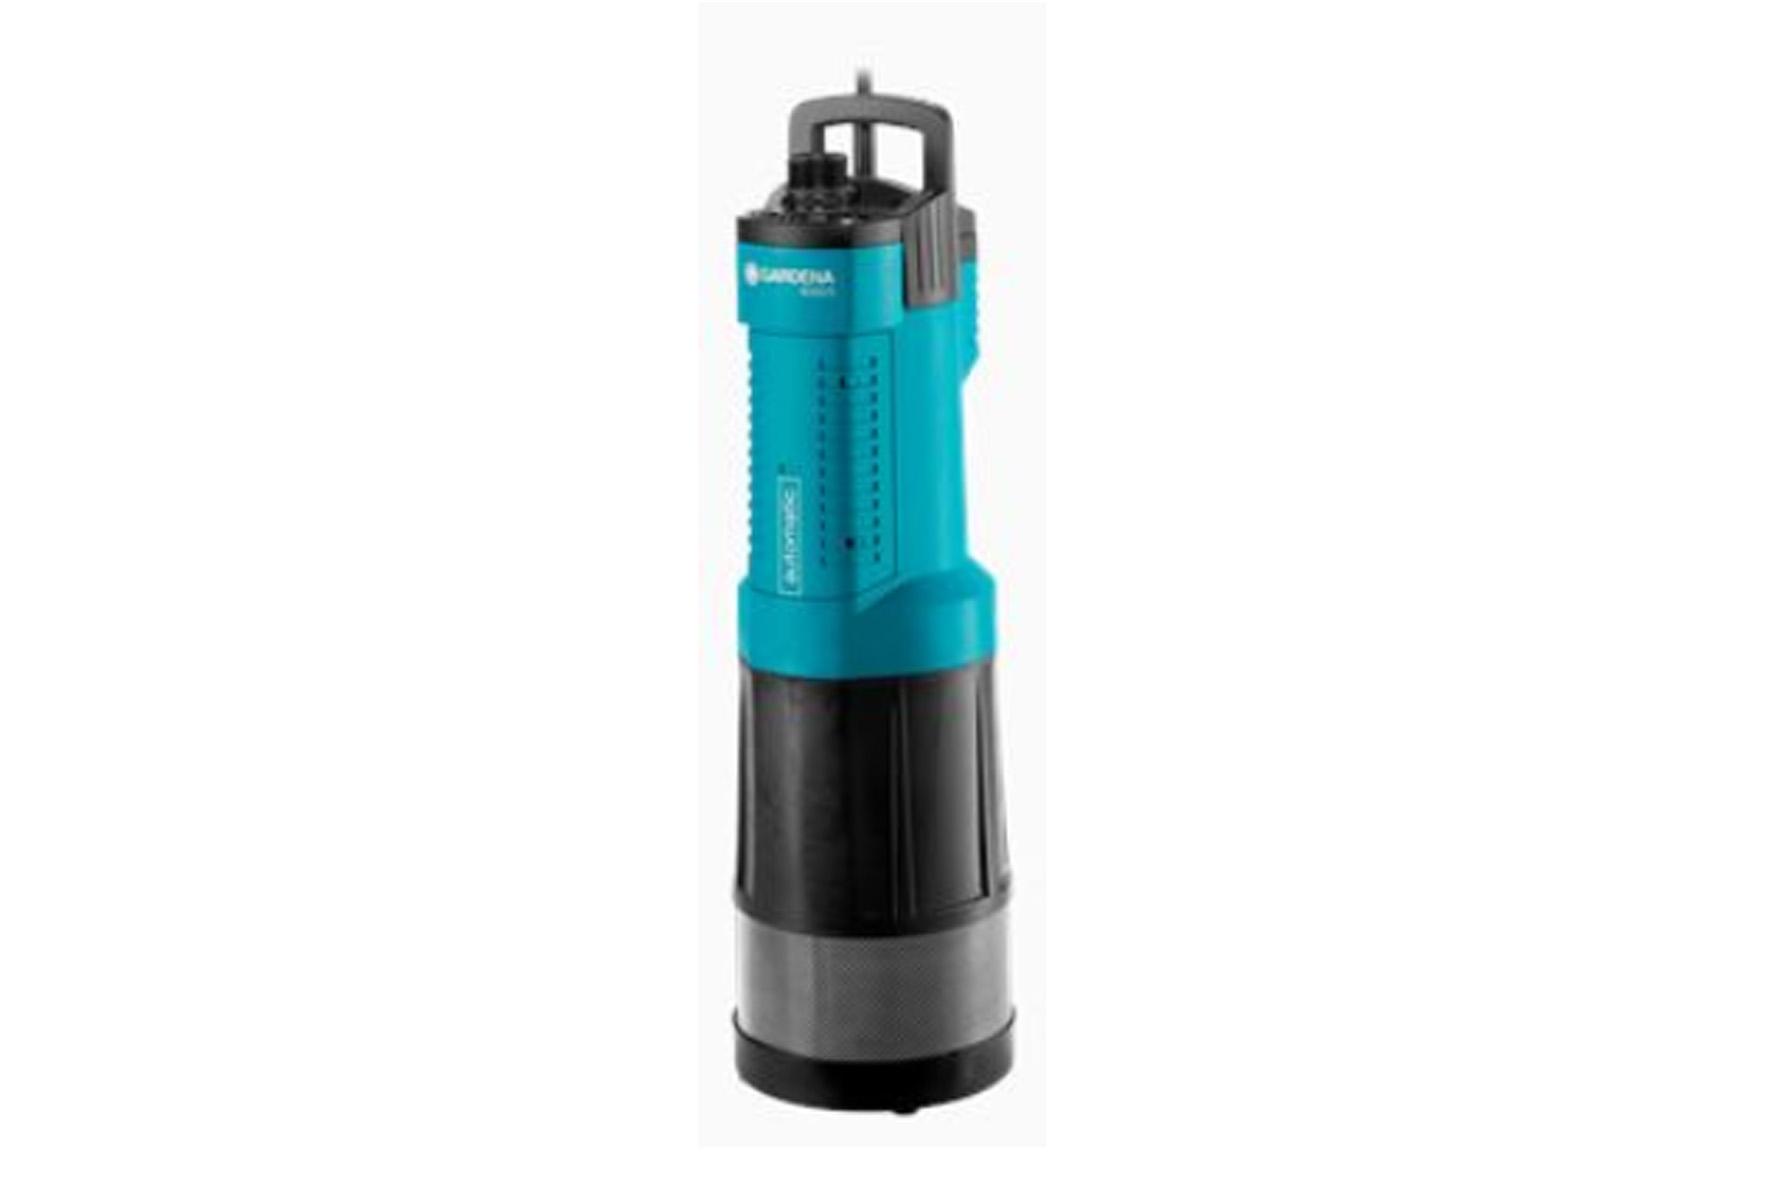 pompe hydrophore pour puit gardena 6000 5 achat en ligne ou dans notre magasin. Black Bedroom Furniture Sets. Home Design Ideas